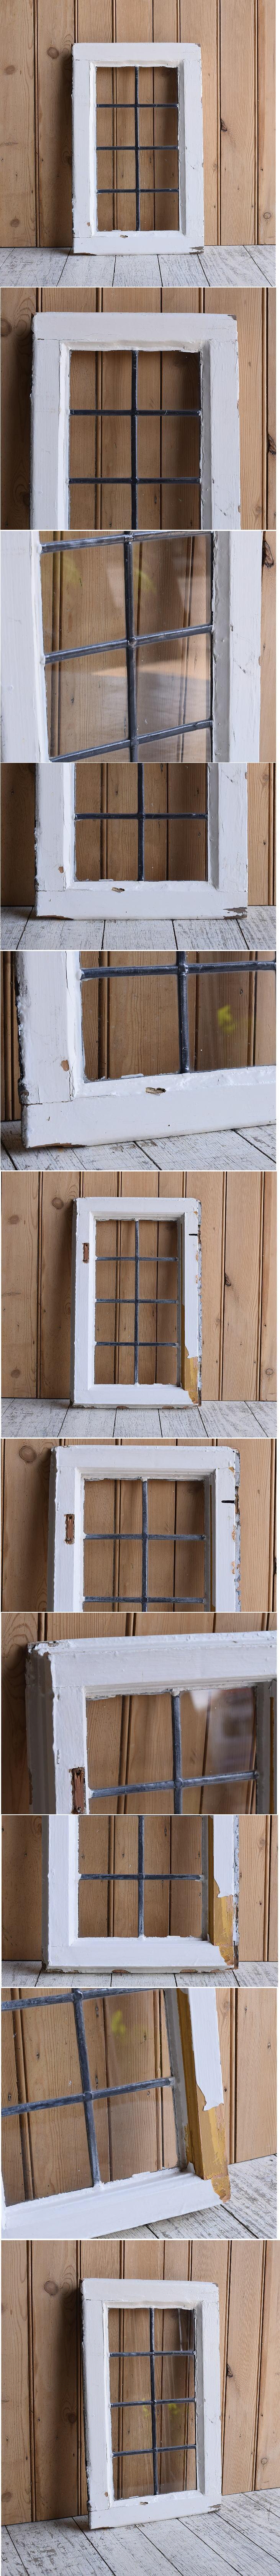 イギリス アンティーク 窓 無色透明 9628